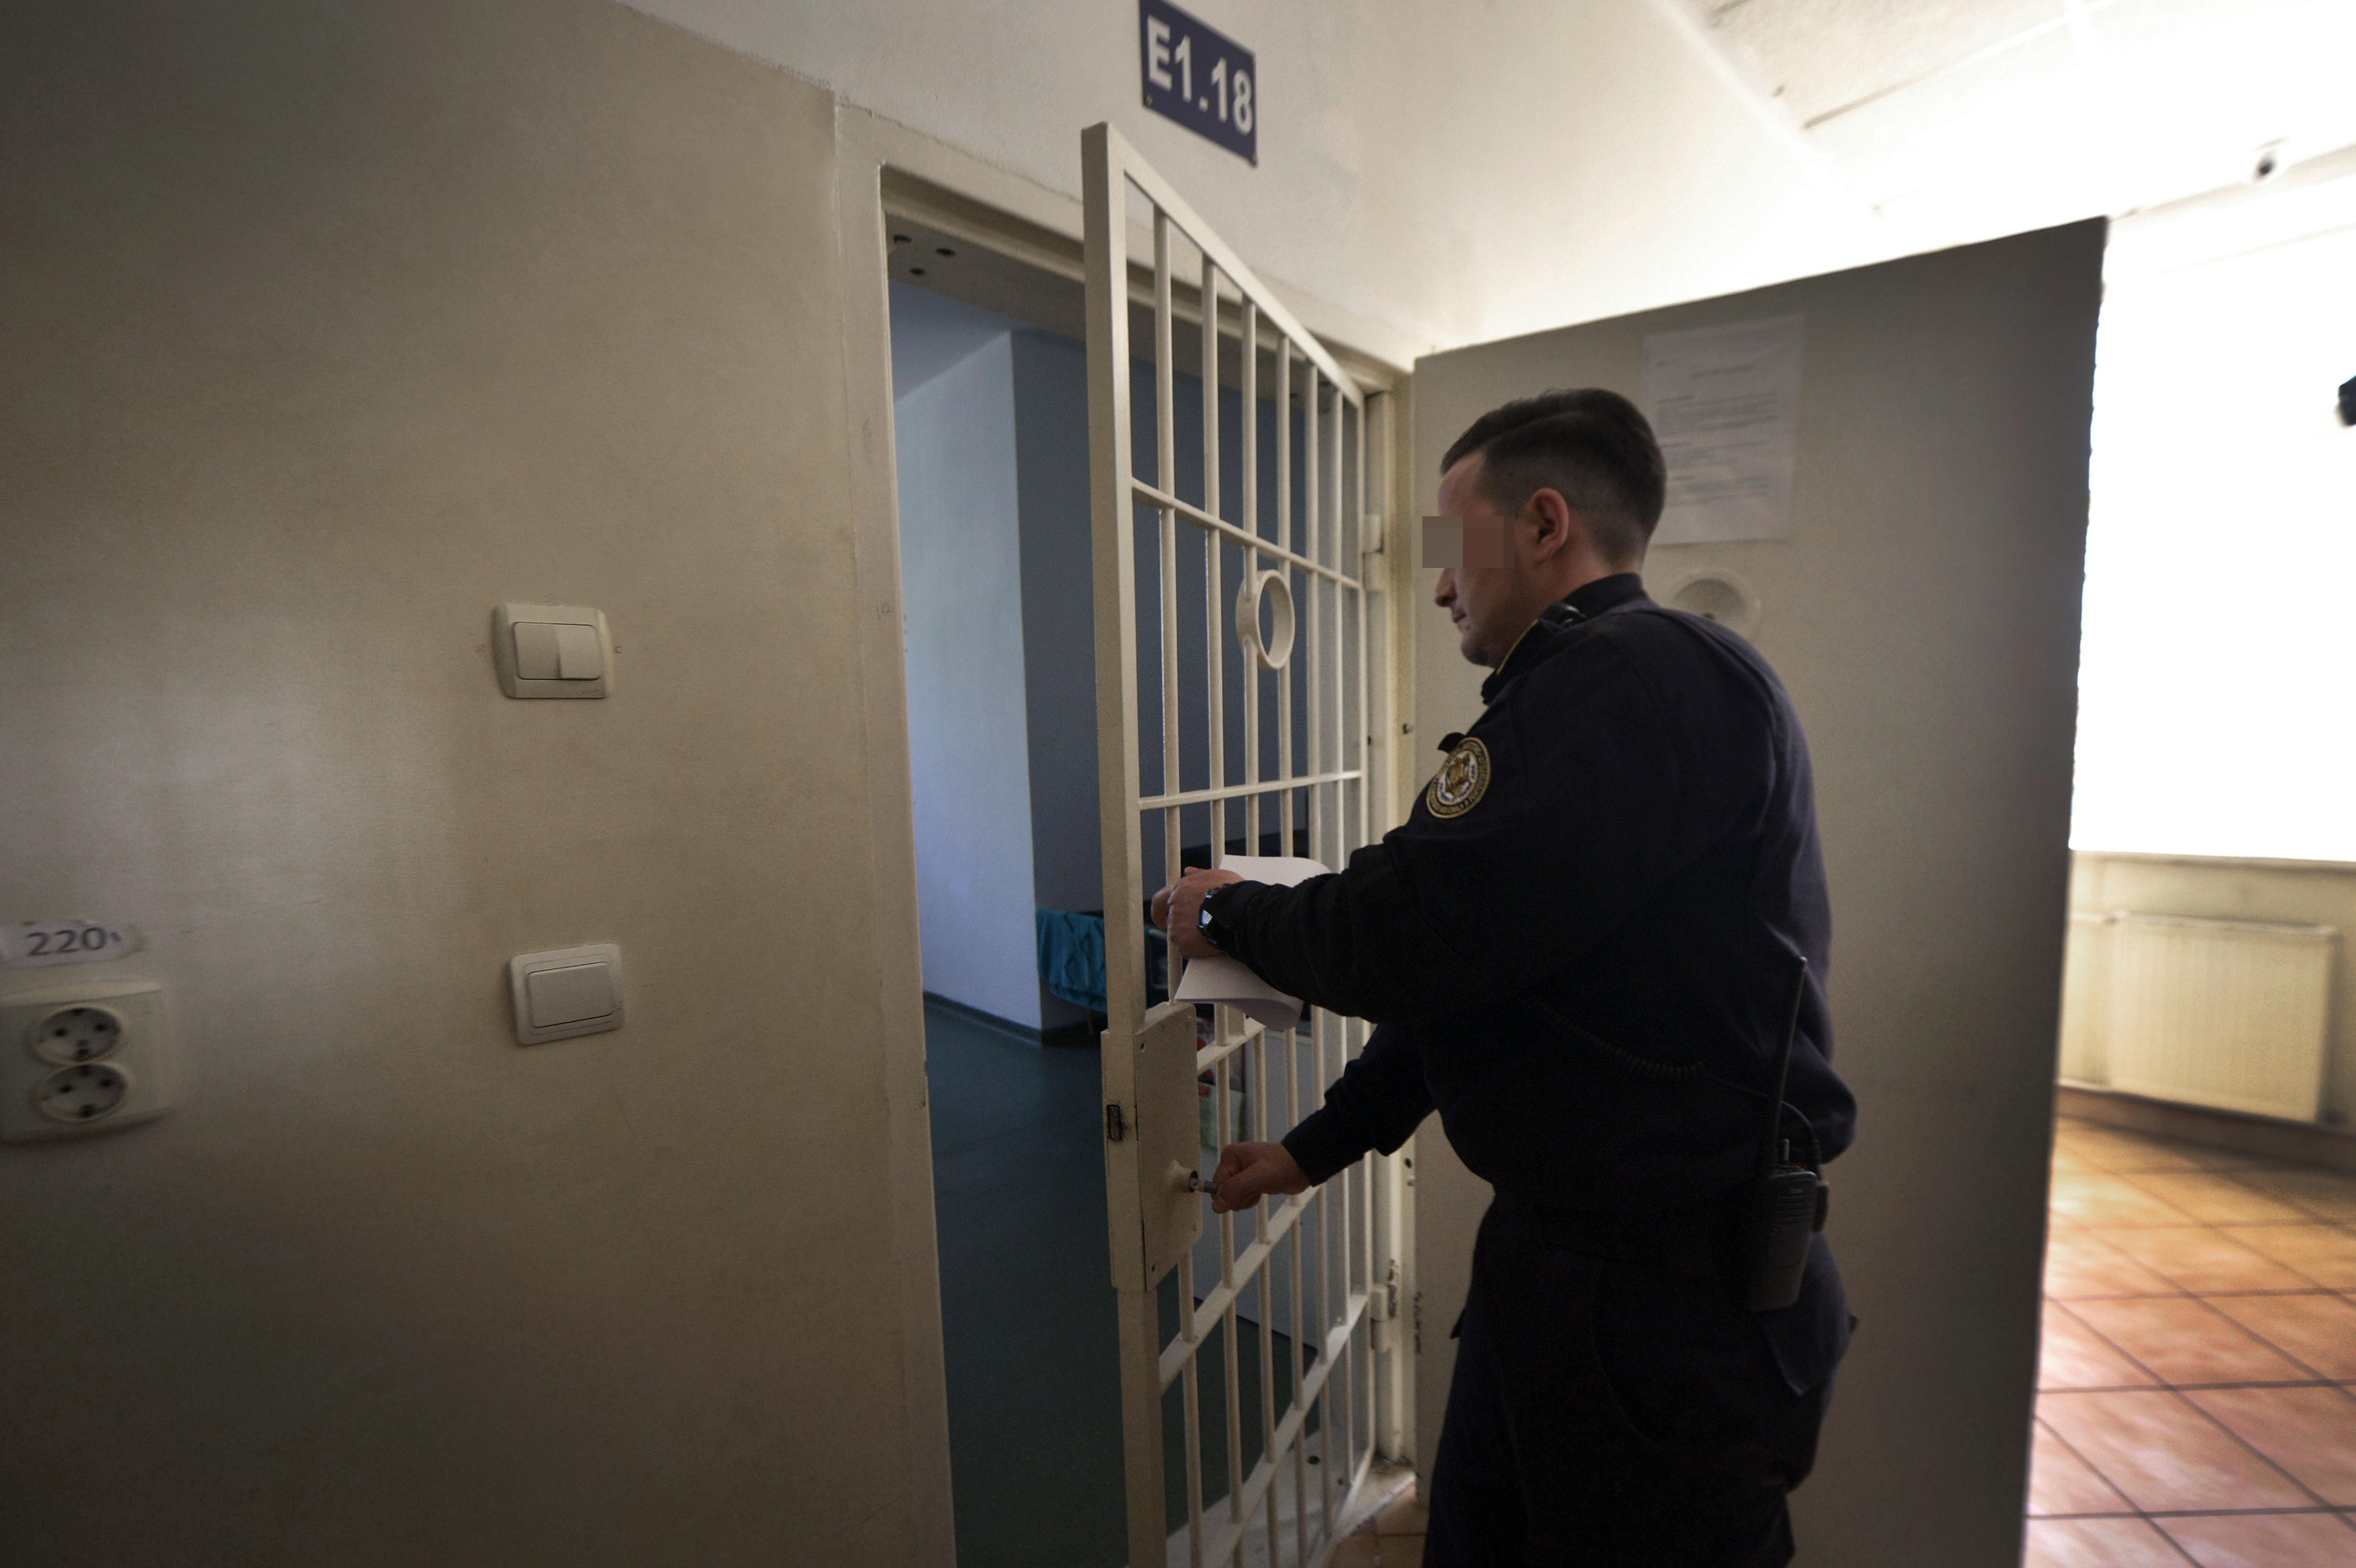 Un deţinut de la Giurgiu, beneficiar al recursului compensatoriu, eliberat cu o zi mai târziu decât ar fi trebuit. ANP anunţă o anchetă